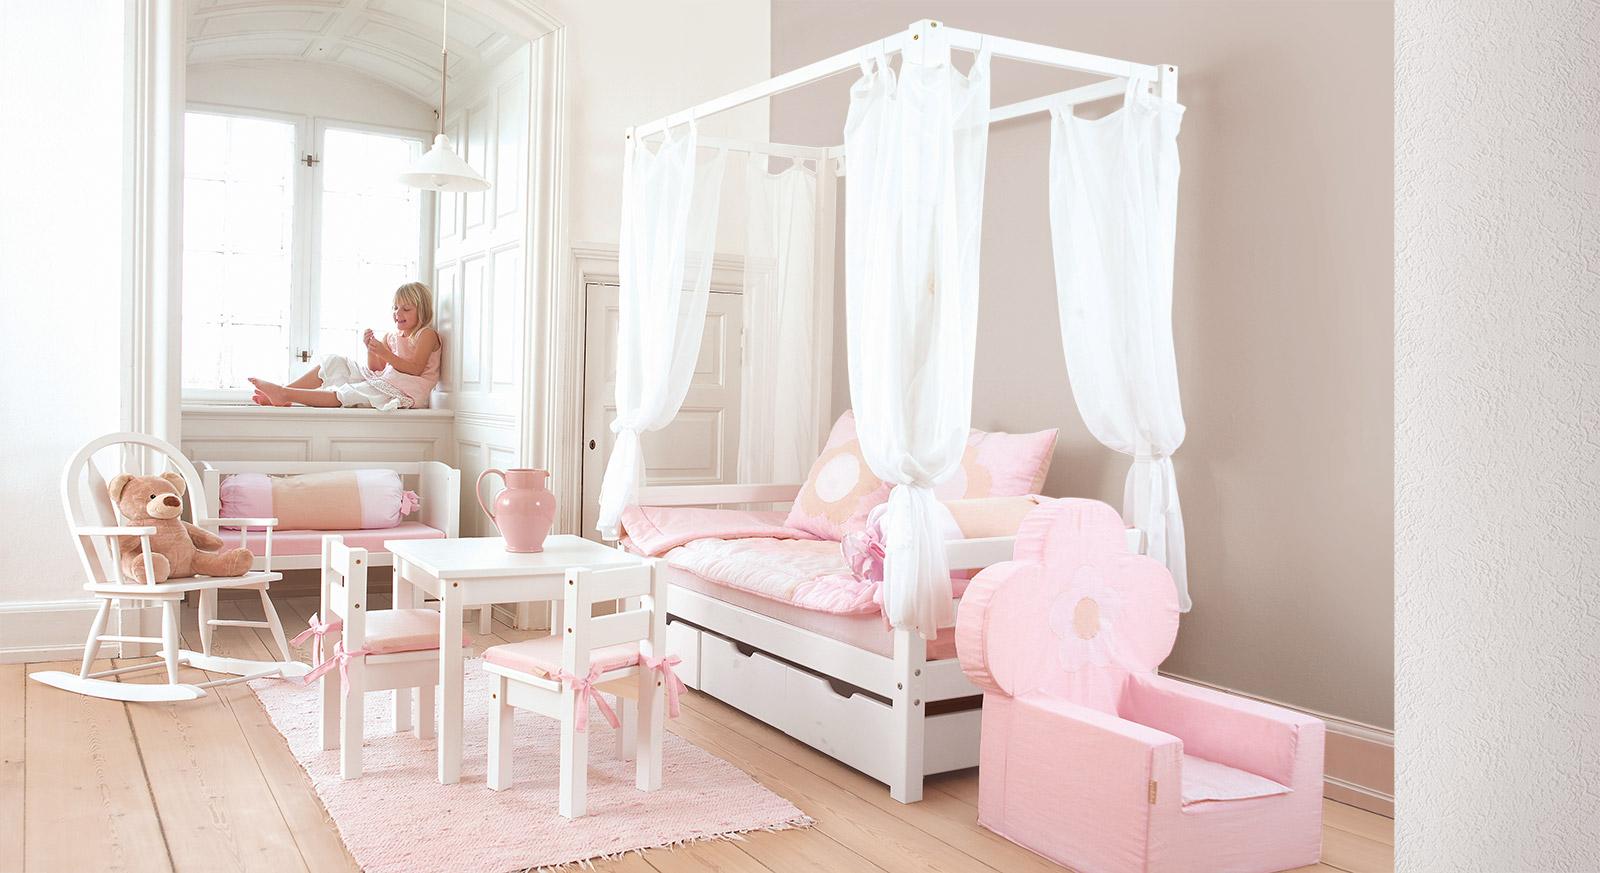 Full Size of Mädchenbetten Himmelbett Wei Aus Massiver Kiefer Fr Mdchen Kids Heaven Wohnzimmer Mädchenbetten